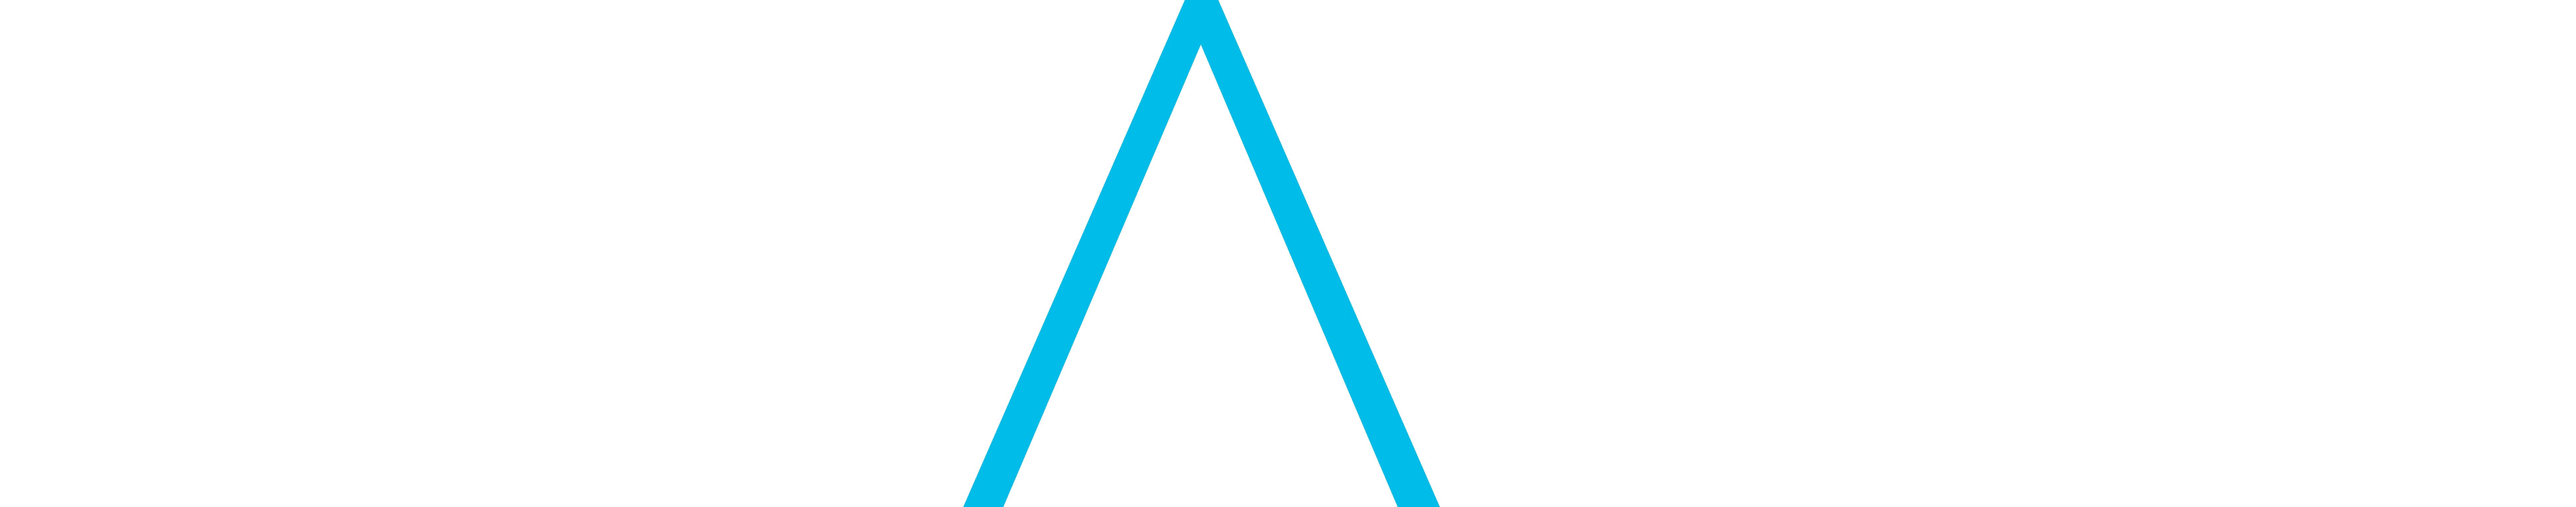 Avala.com